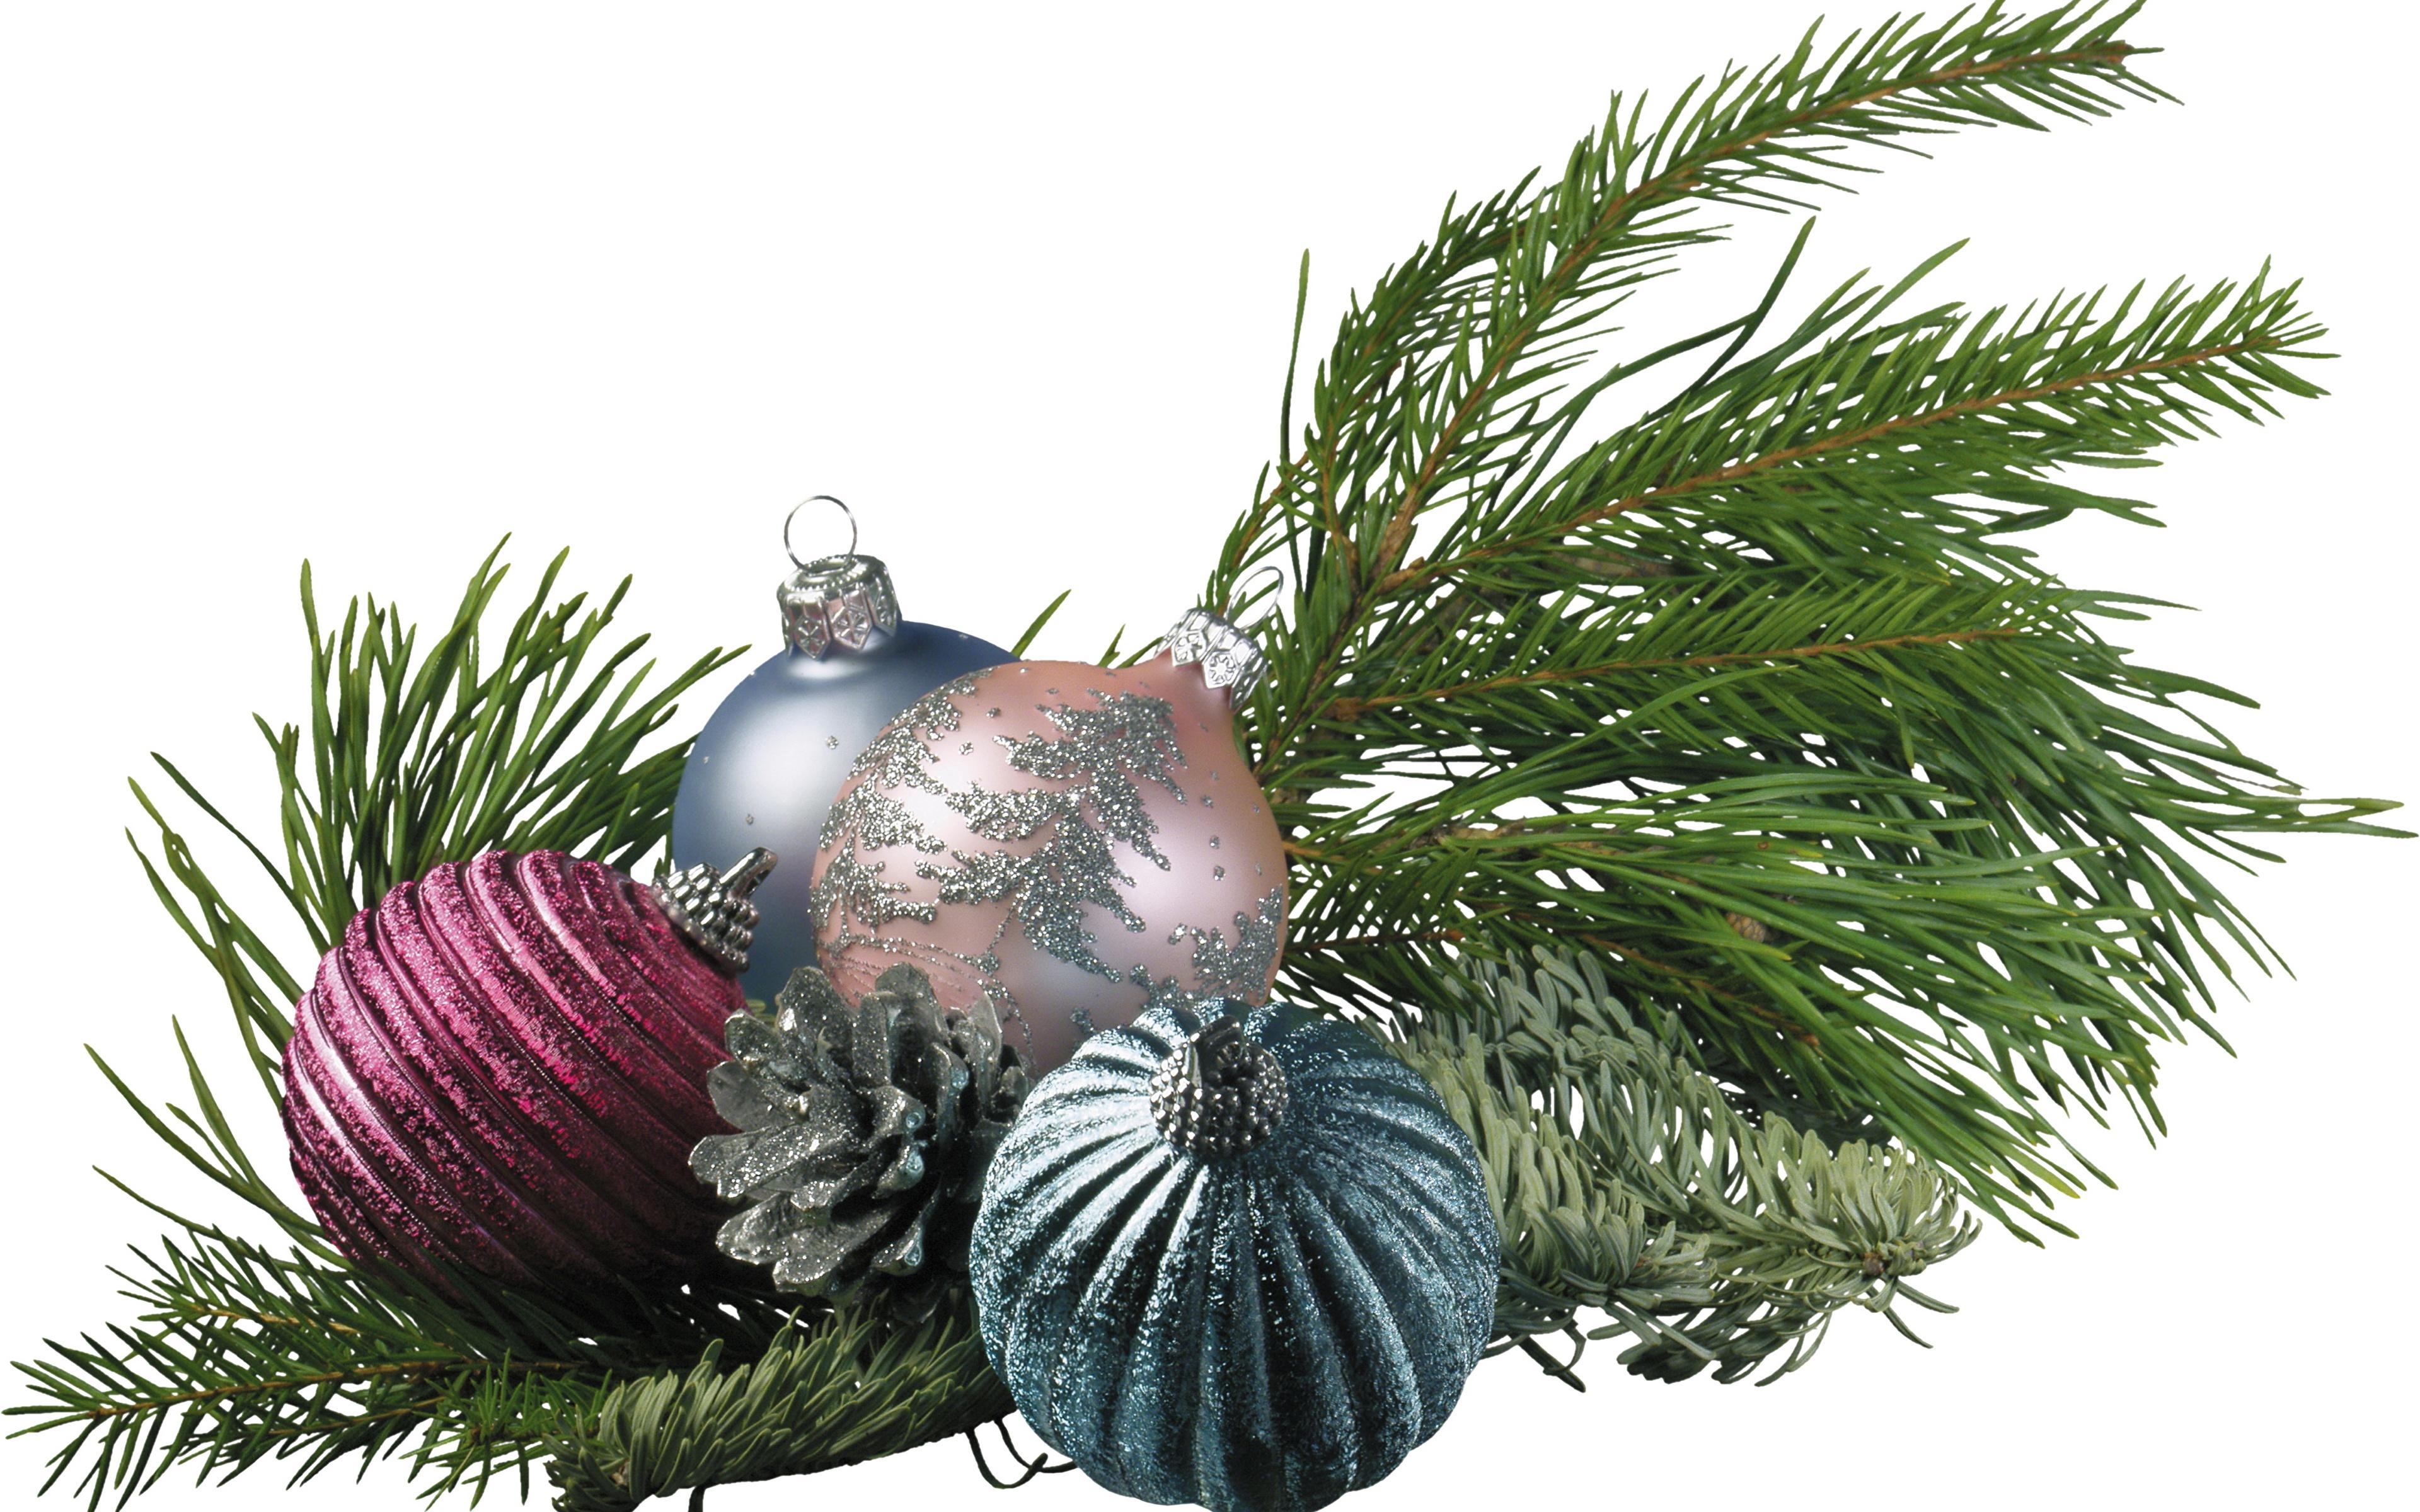 Weihnachtsbaum Ast.Fotos Von Neujahr Weihnachtsbaum Ast Kugeln Feiertage 3840x2400